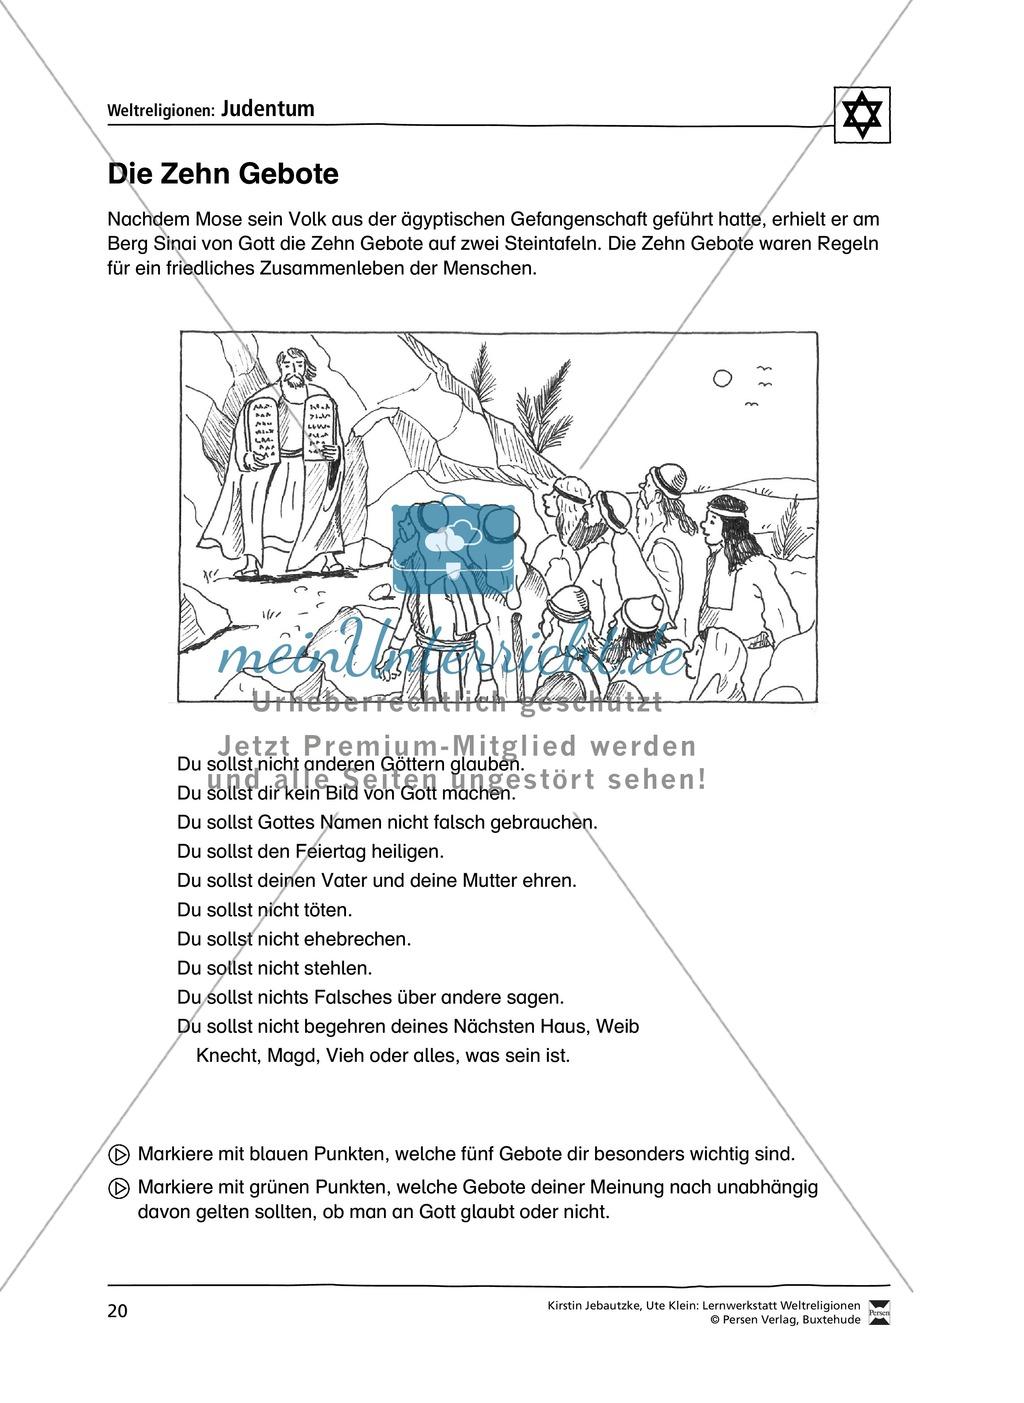 Unterrichtsmaterial zum Judentum - mit Infomaterial zu Gottheit, Schrift, Synagogen, Feiertagen uvm. Preview 12